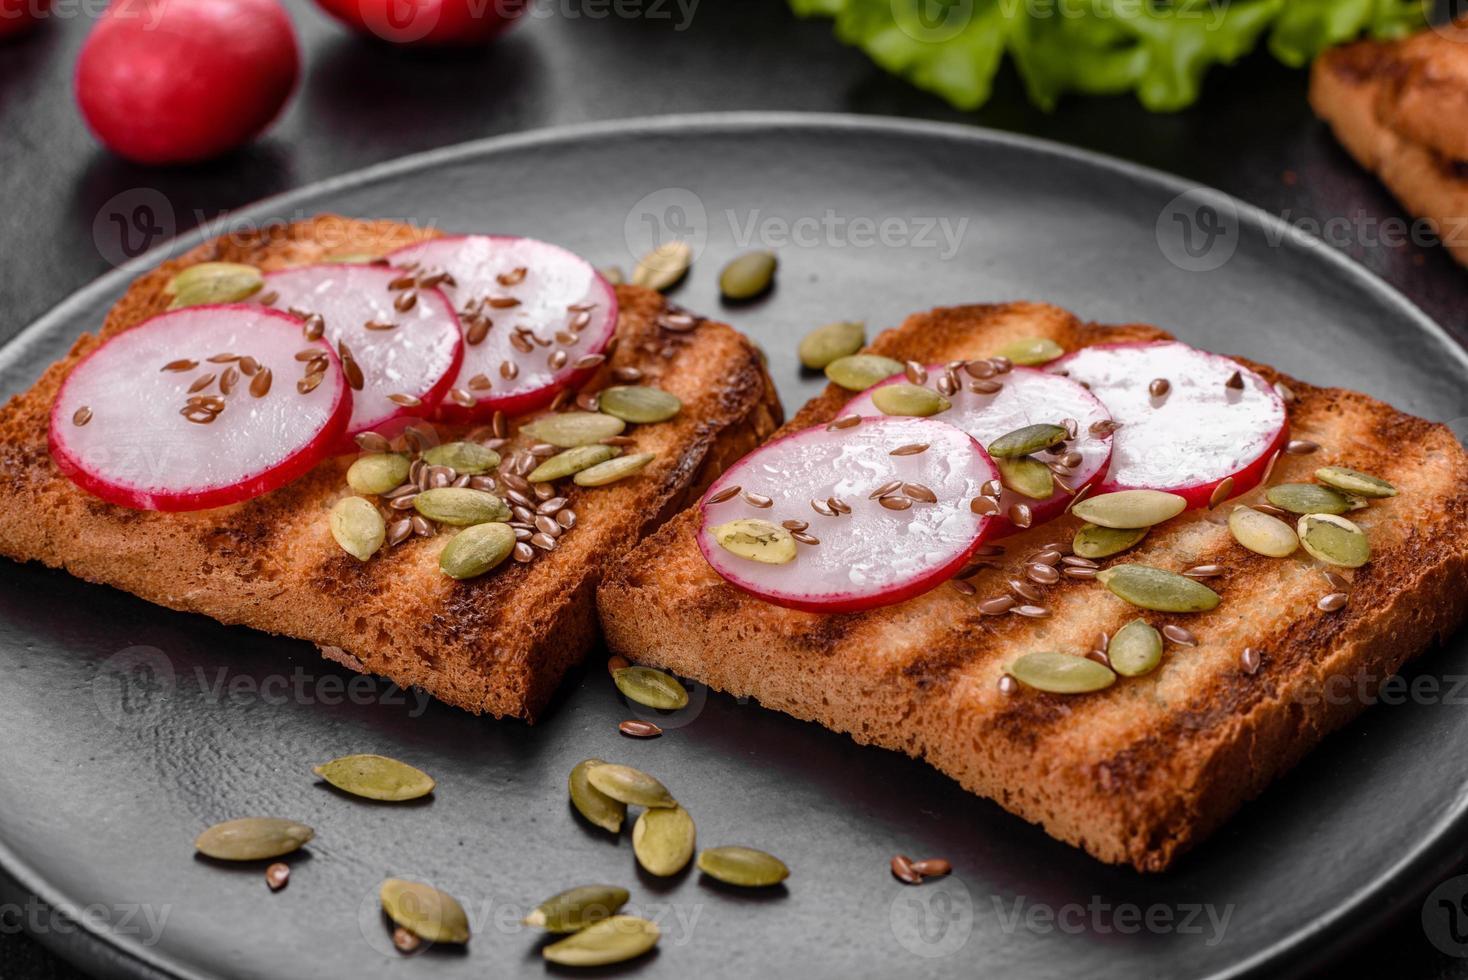 délicieux sandwich croustillant avec pain grillé, radis, graines de citrouille et graines de lin photo